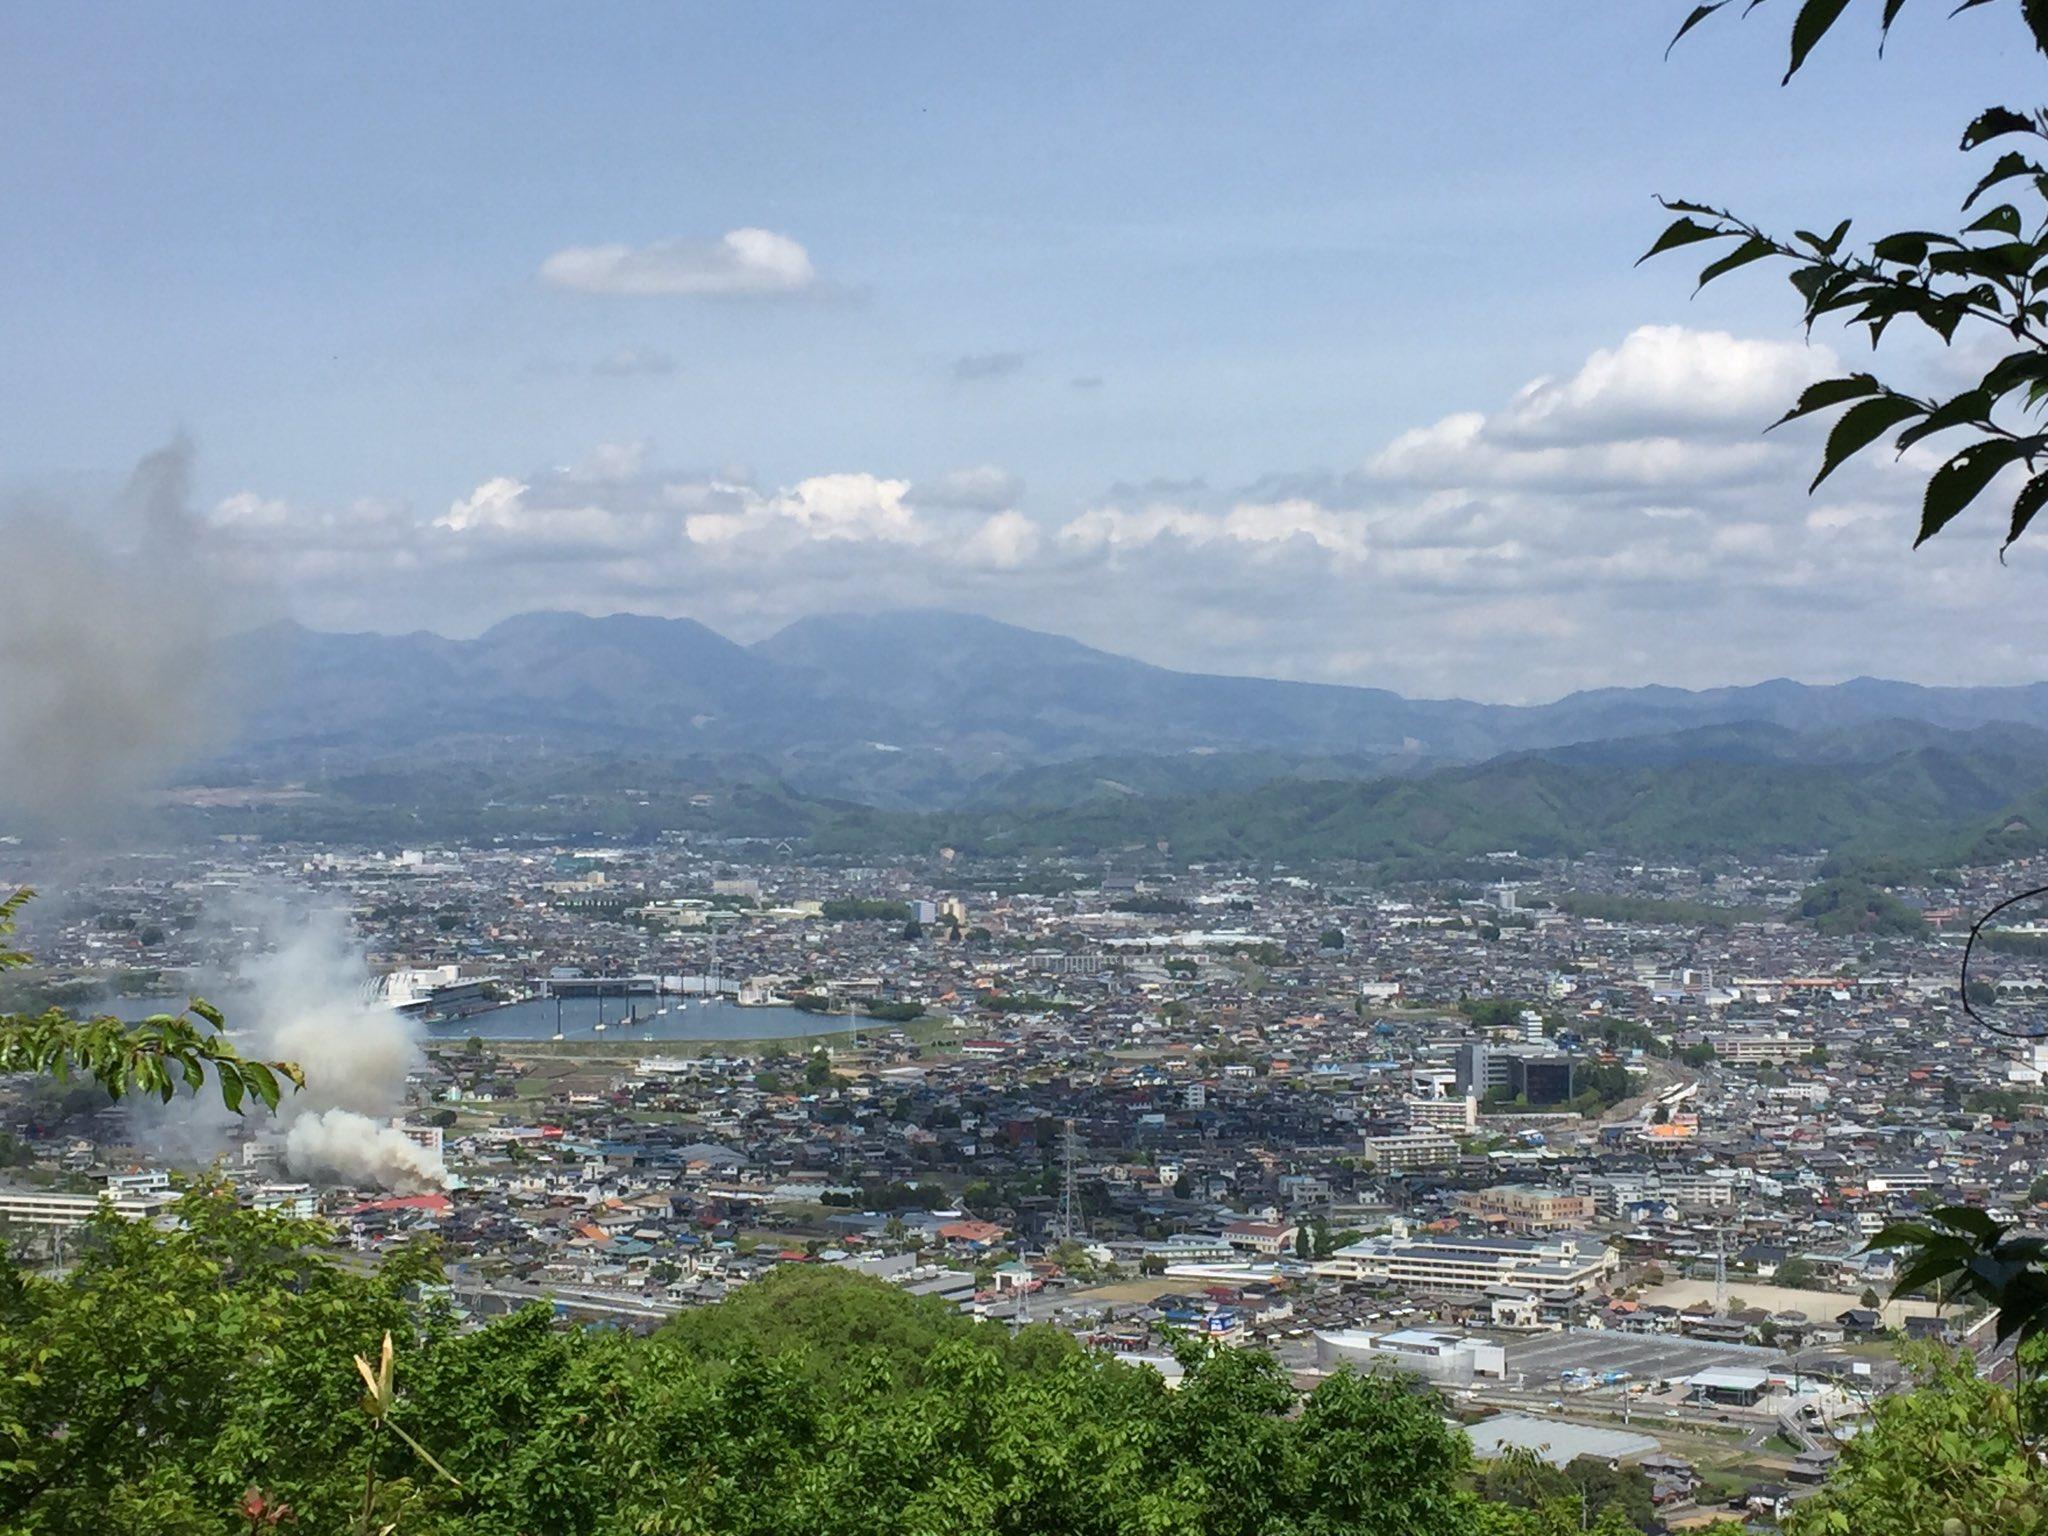 画像,本日定休日です茶臼山に山登り気持ちいいですが広沢で火事なようです https://t.co/BA8Xio3vKv。